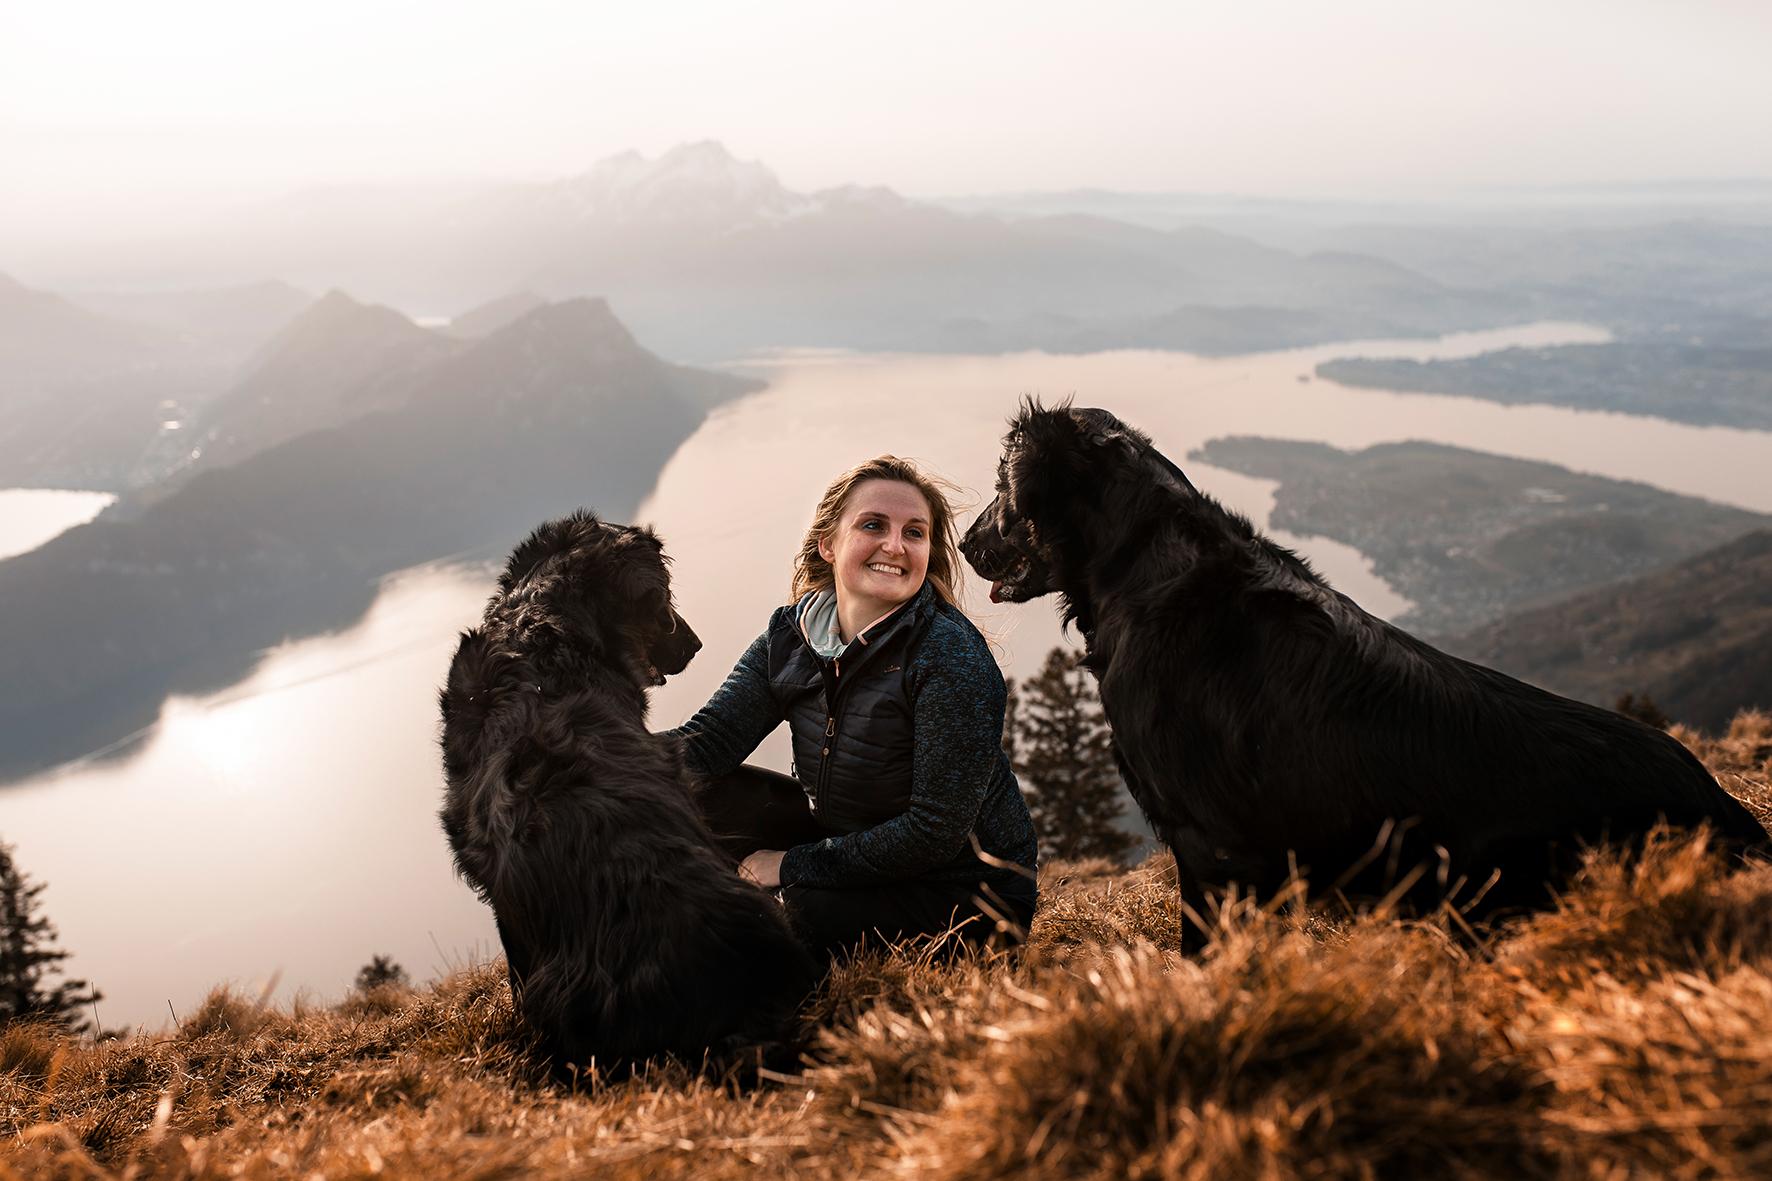 Zwei Flatcoated Retriever Hunde und eine junge Frau sitzen für ein Hundeshooting auf einem Berggipfel. Im Hintergrund ist der Vierwaldstättersee, der Pilatus, der Bürgenstock und das Stanserhorn zu sehen.